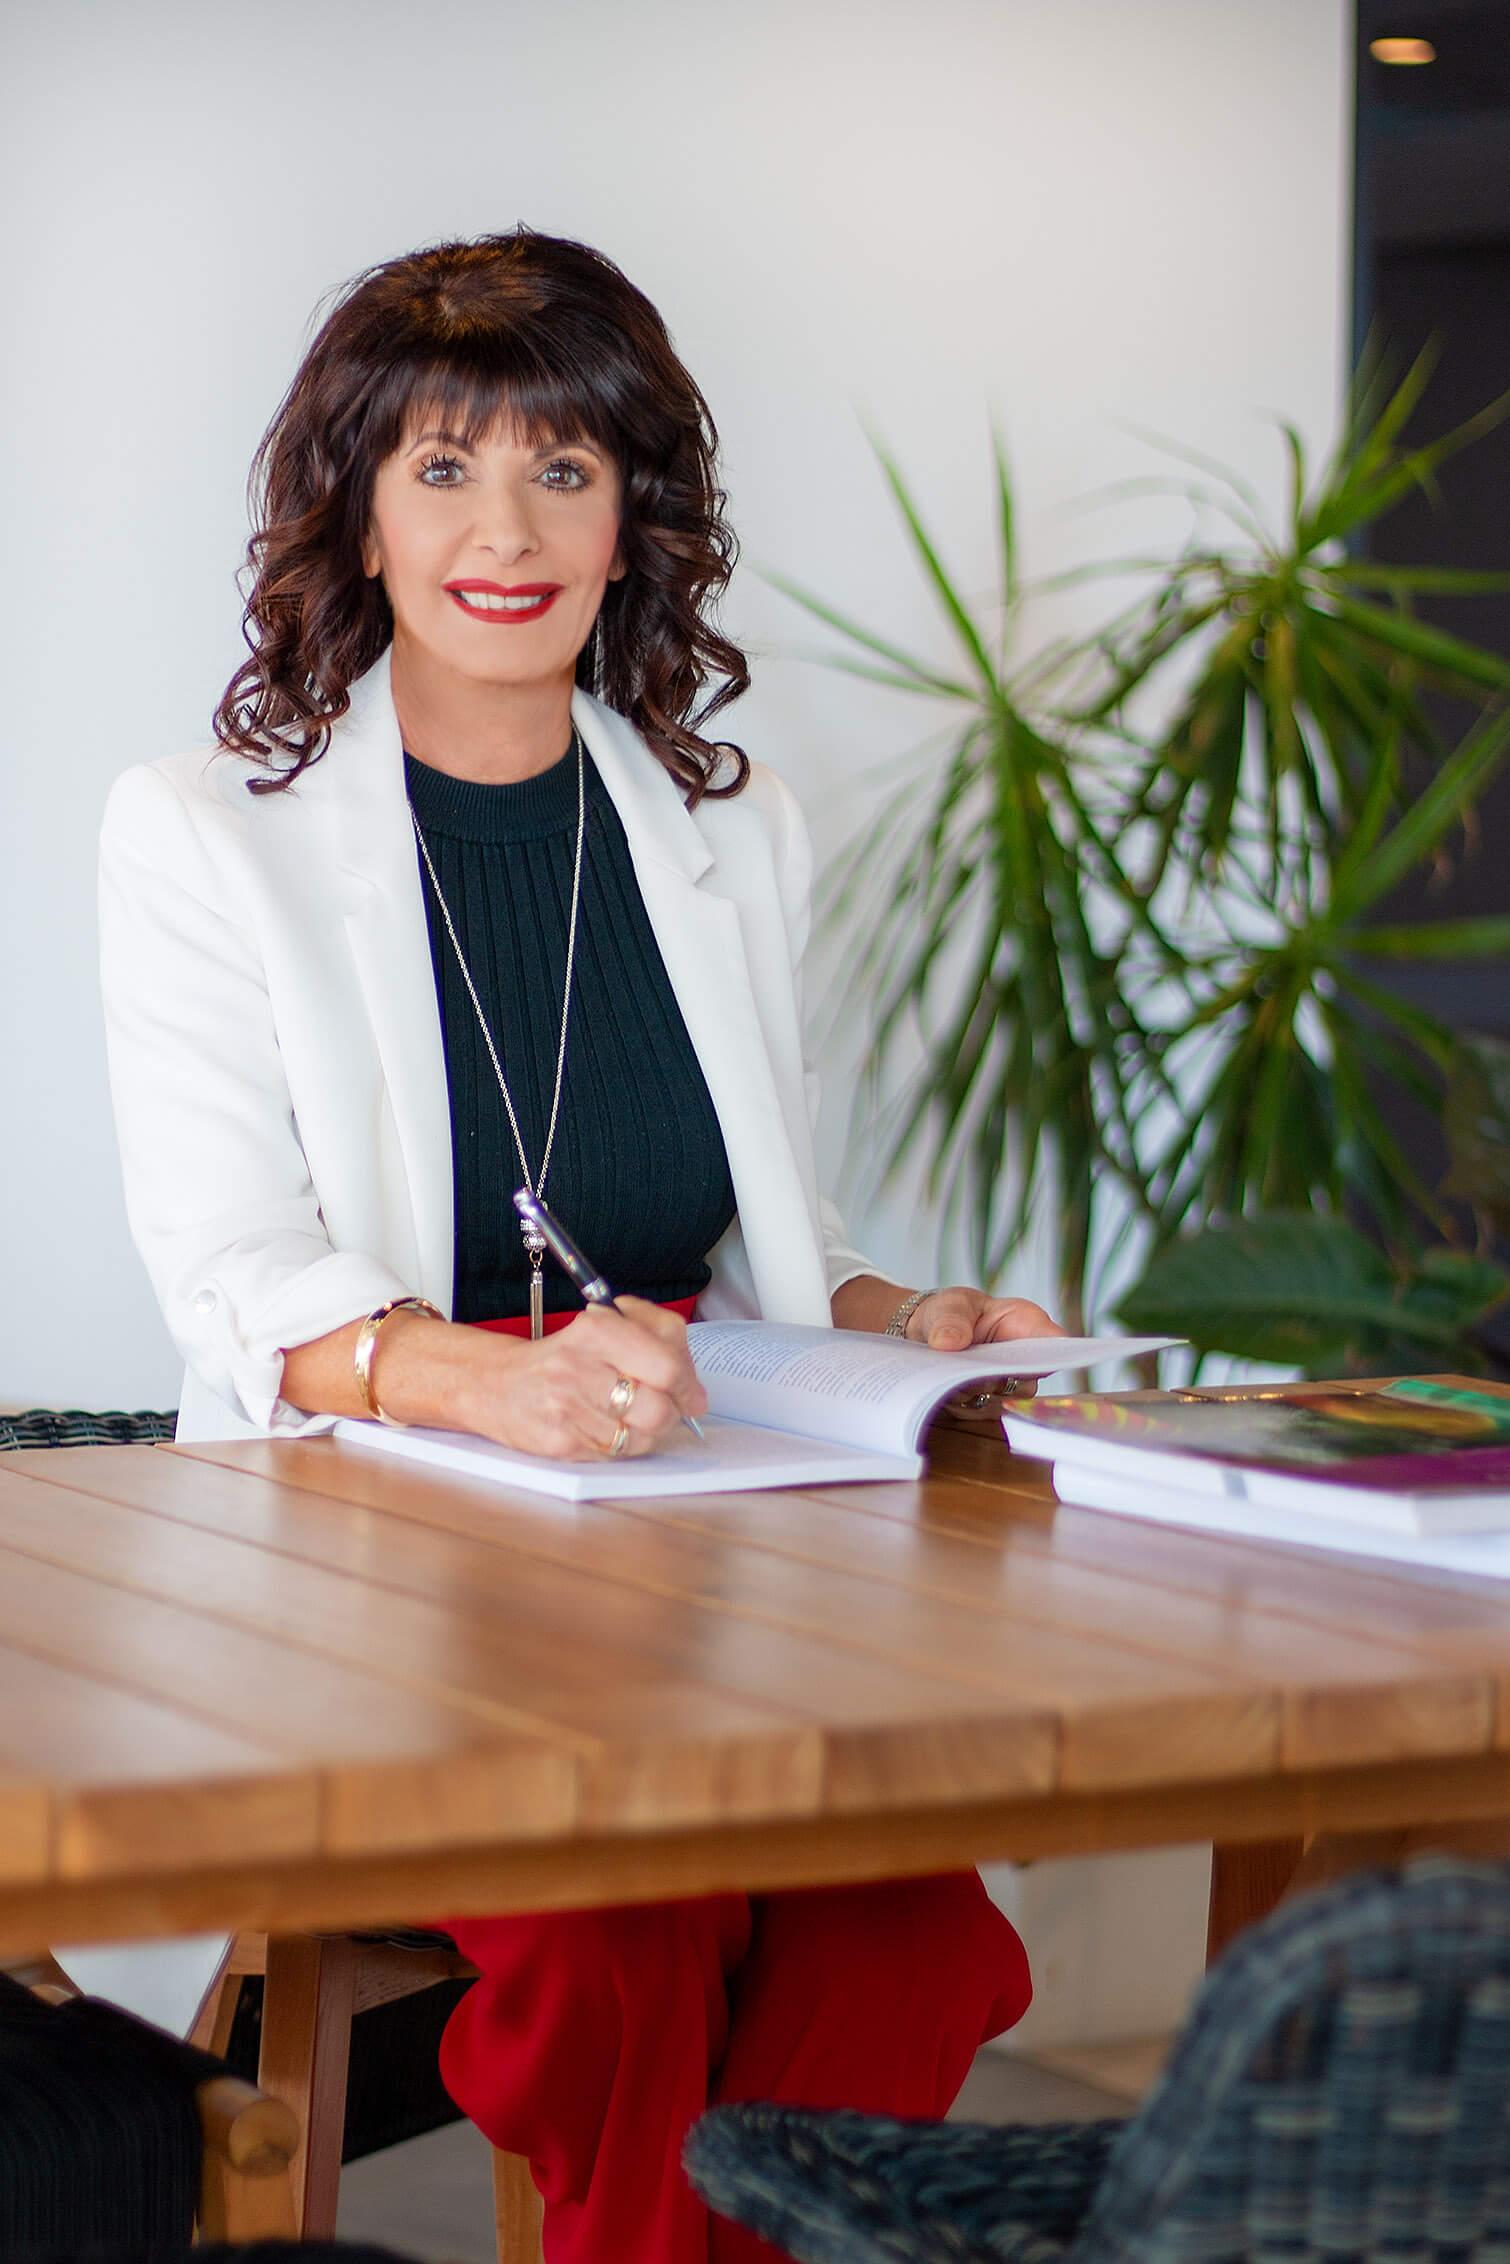 Dr Marisa Lee Naismith